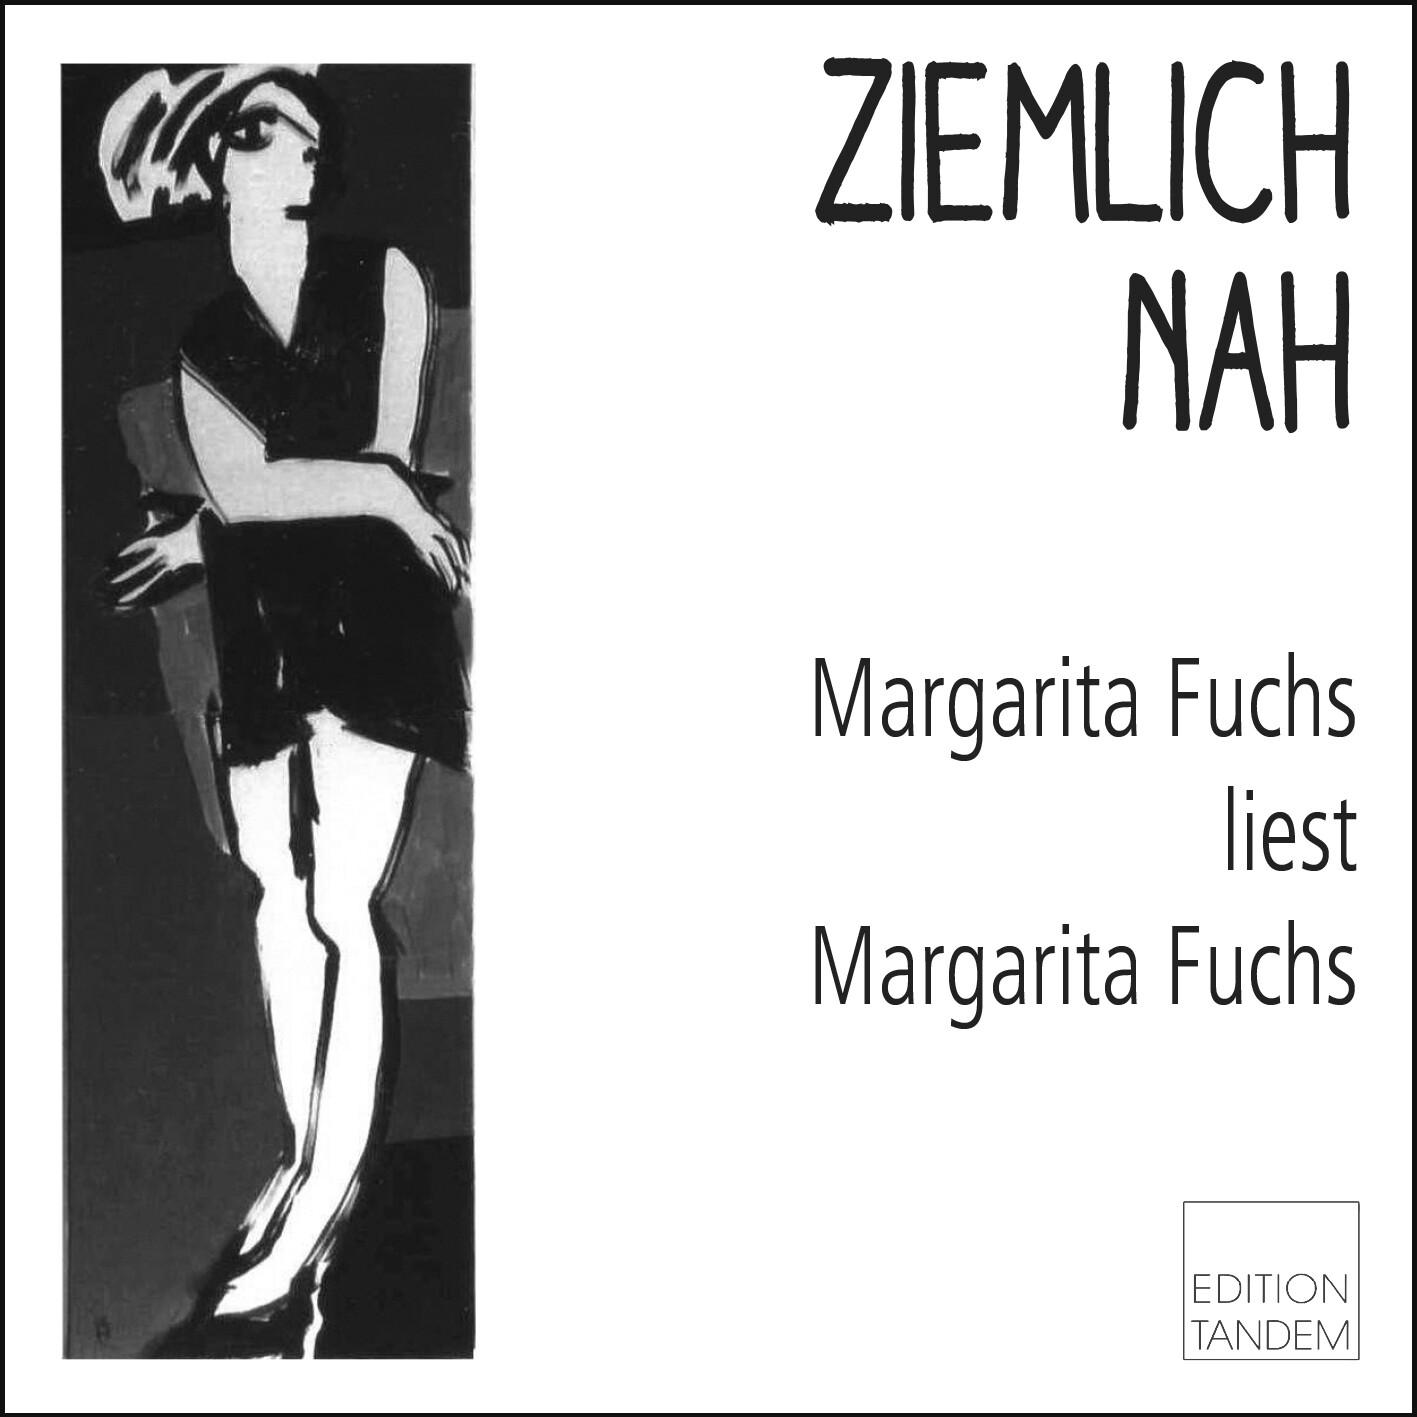 ZIEMLICH NAH - Margarita Fuchs liest Margarita Fuchs